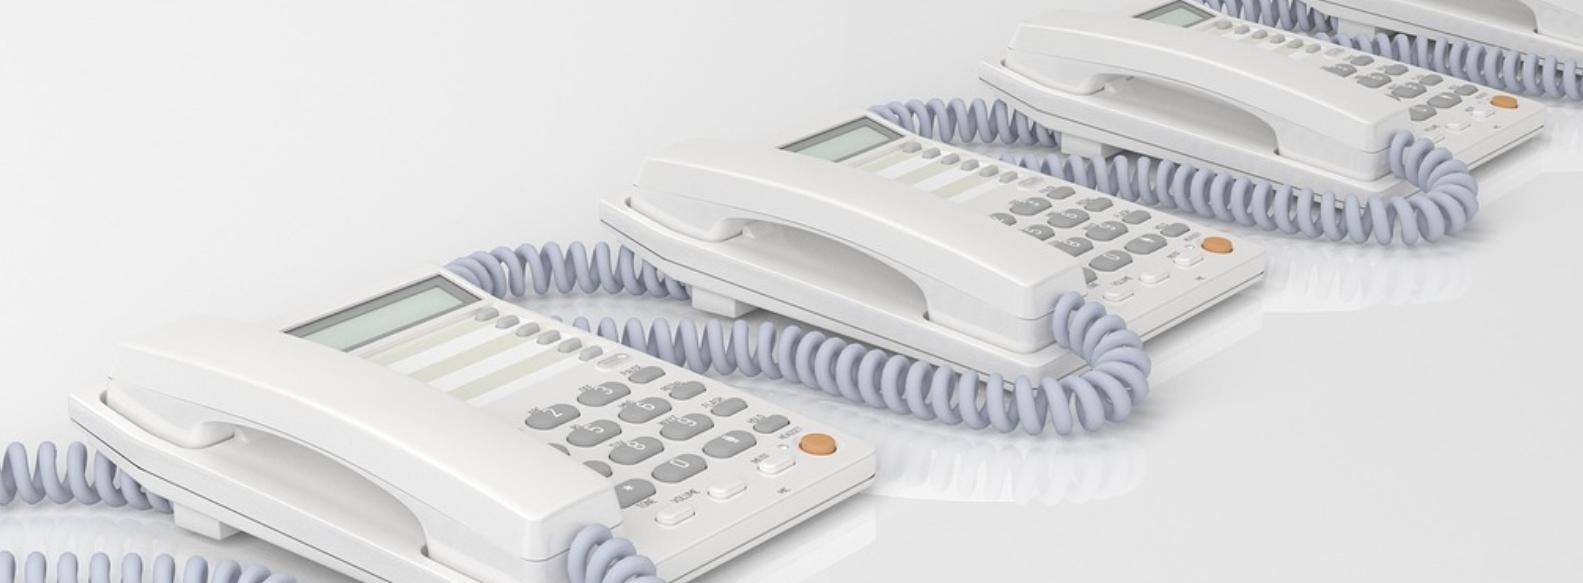 integración telefónica